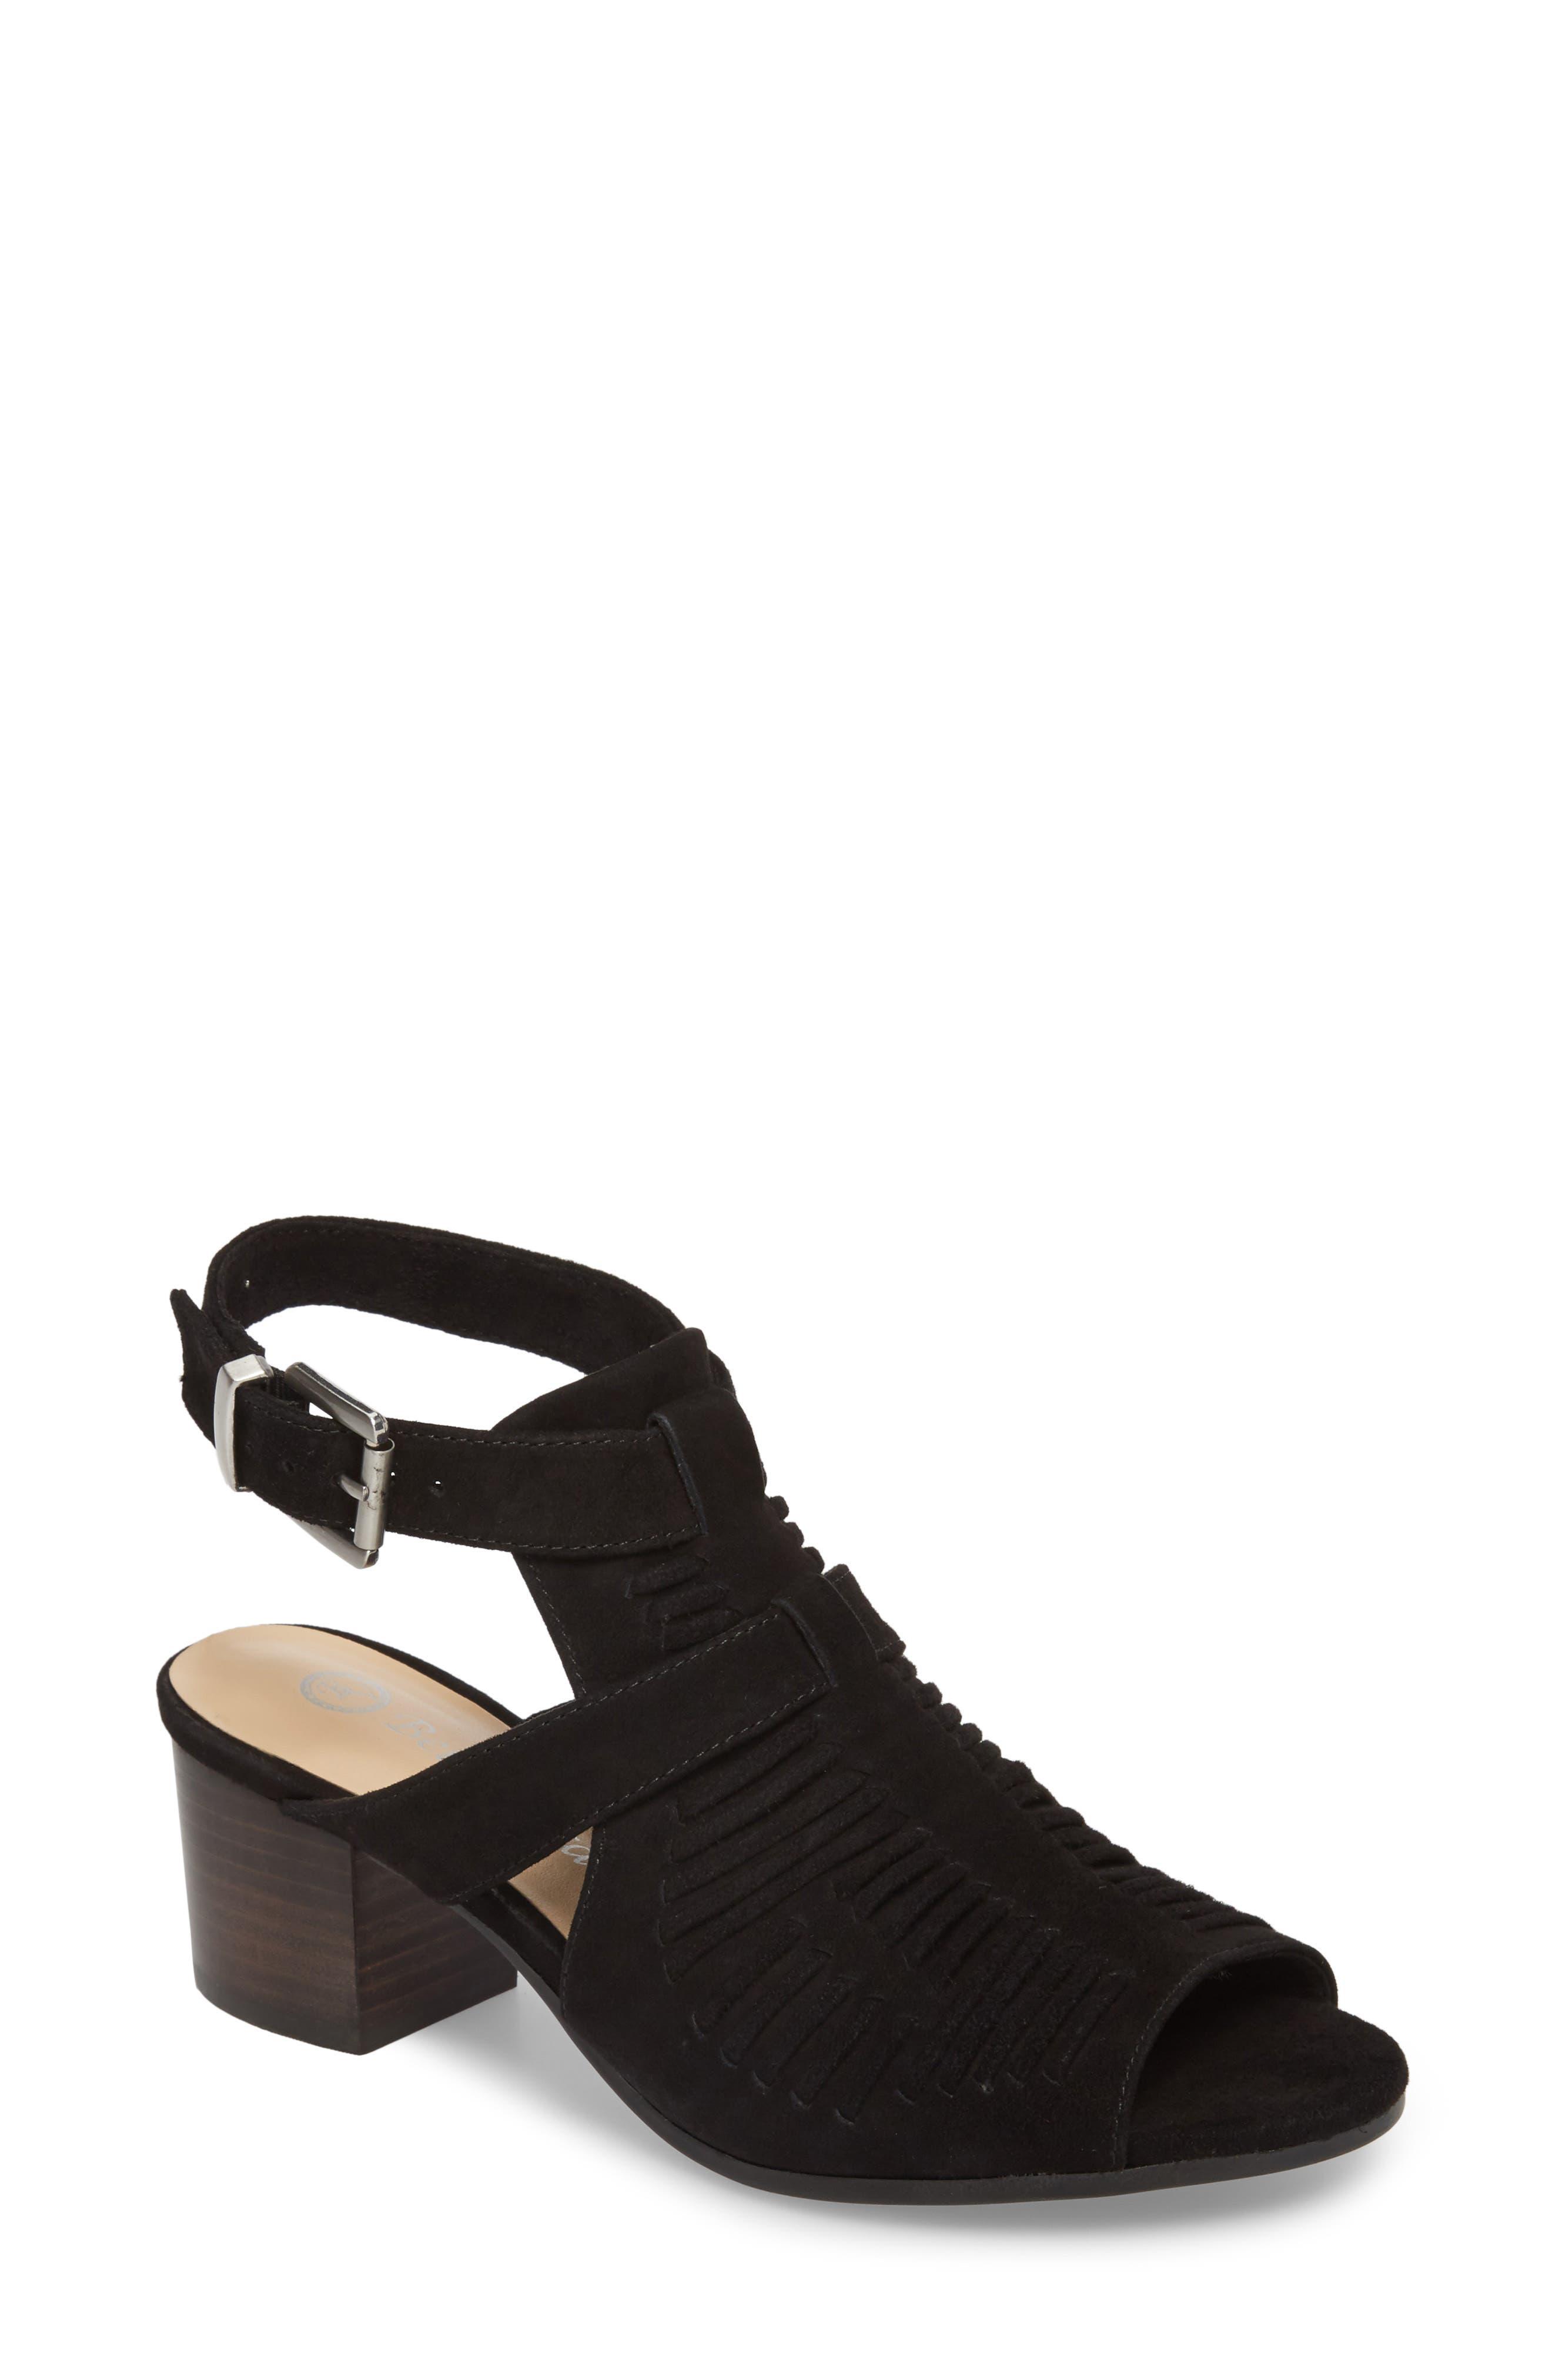 Finley Ankle Strap Sandal,                             Main thumbnail 1, color,                             Black Suede